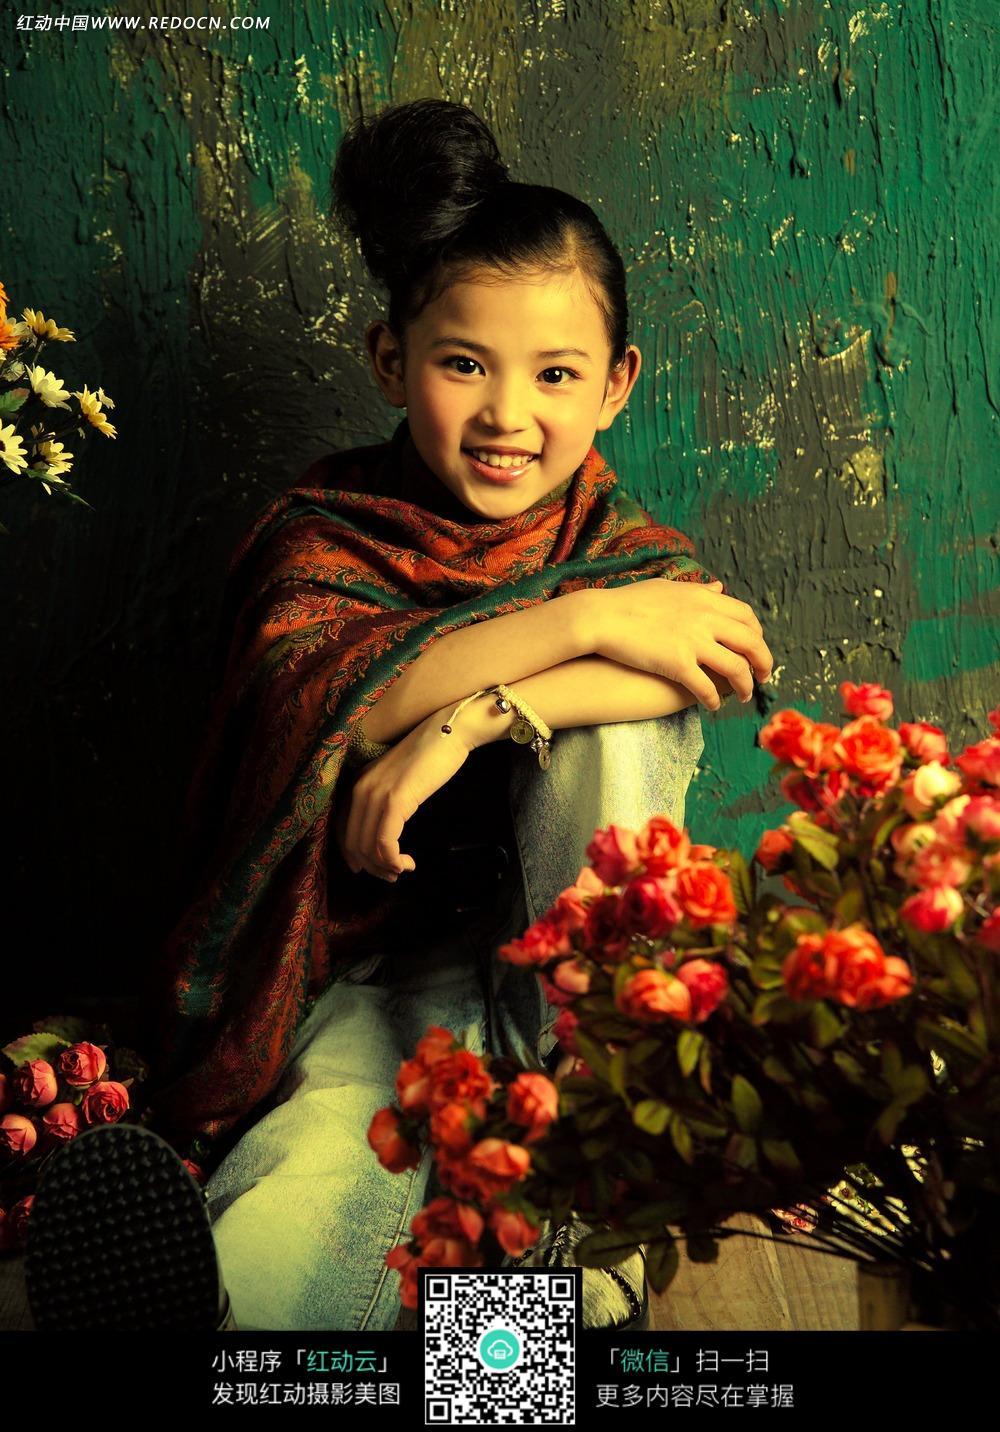 花朵和微笑的女孩写真摄影